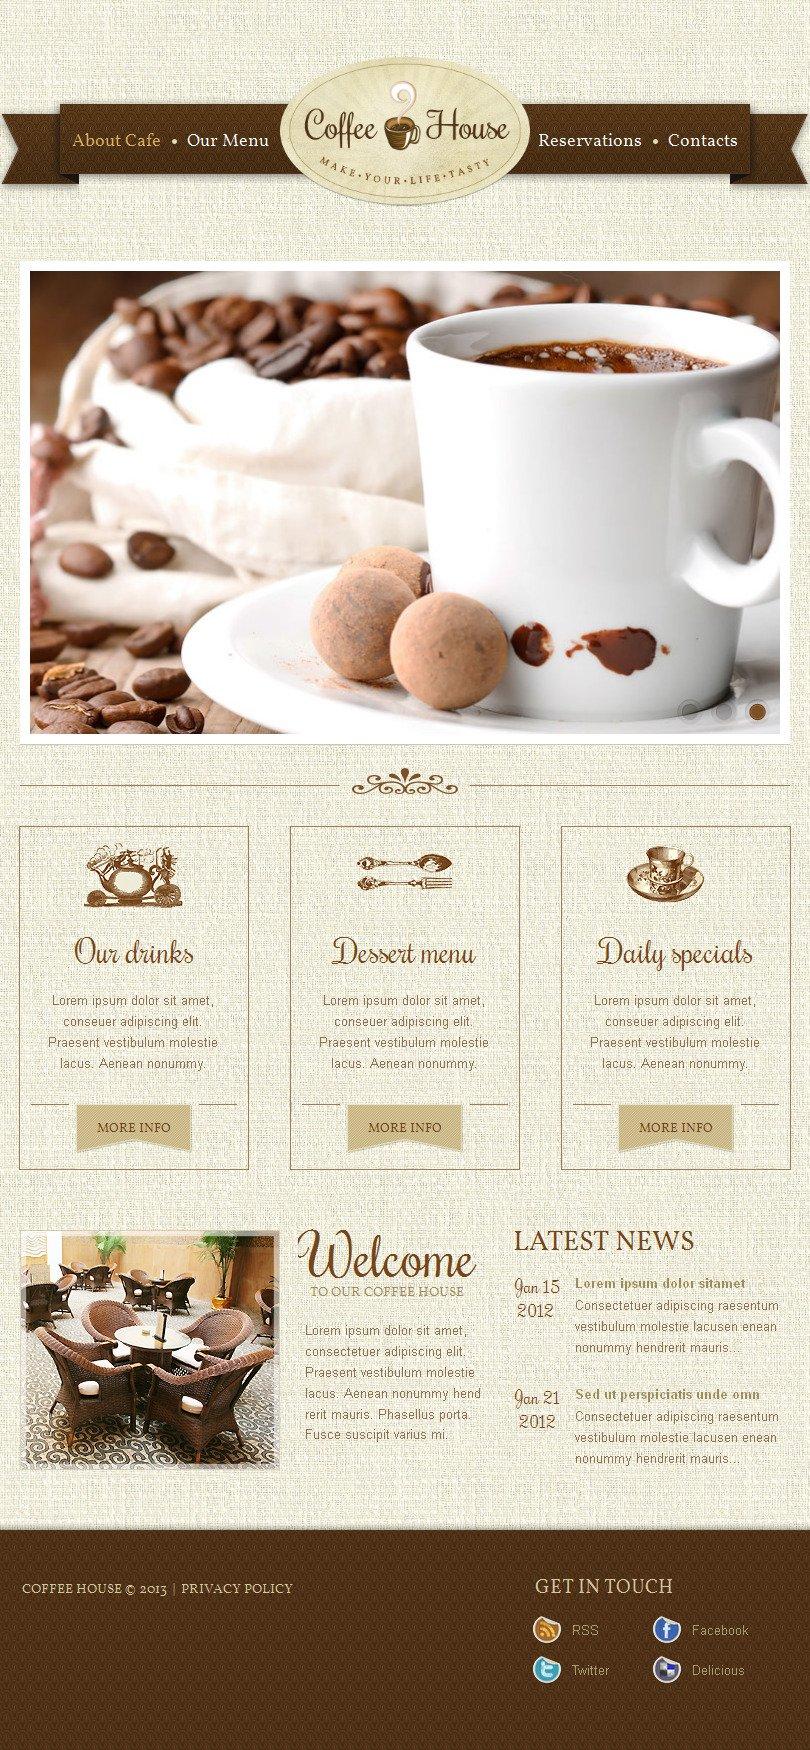 Templates CMS em HTML de Facebook para Sites de Para Loja de Café №42961 - captura de tela